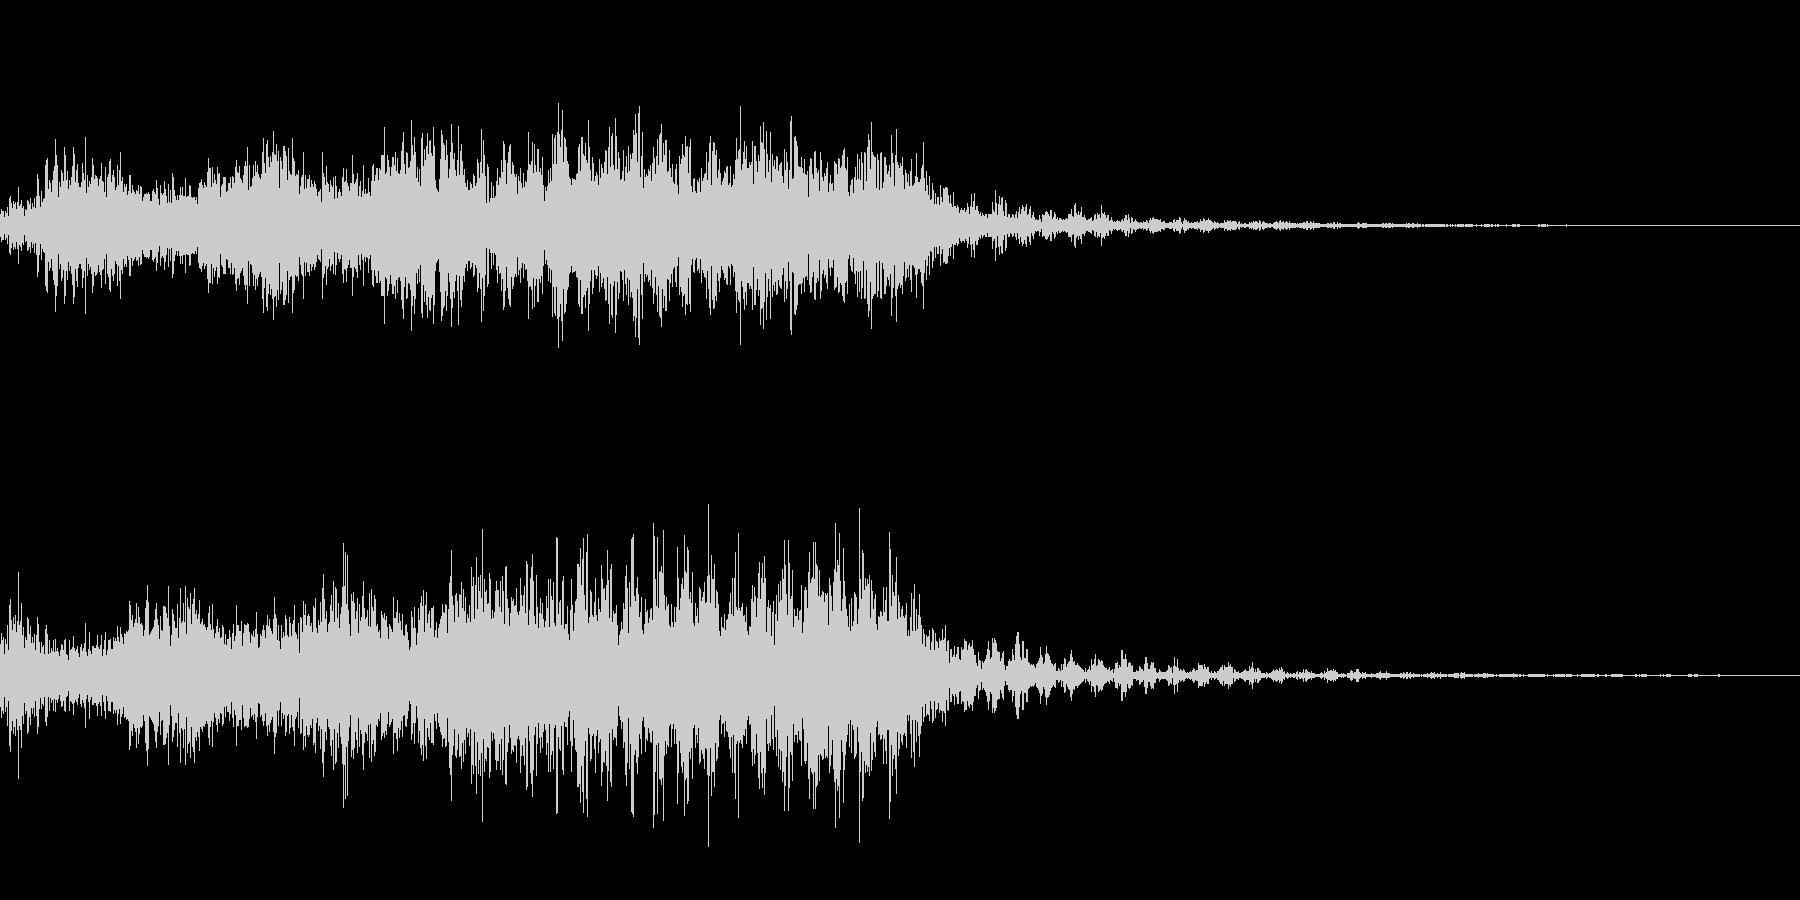 レーザービーム_その2の未再生の波形